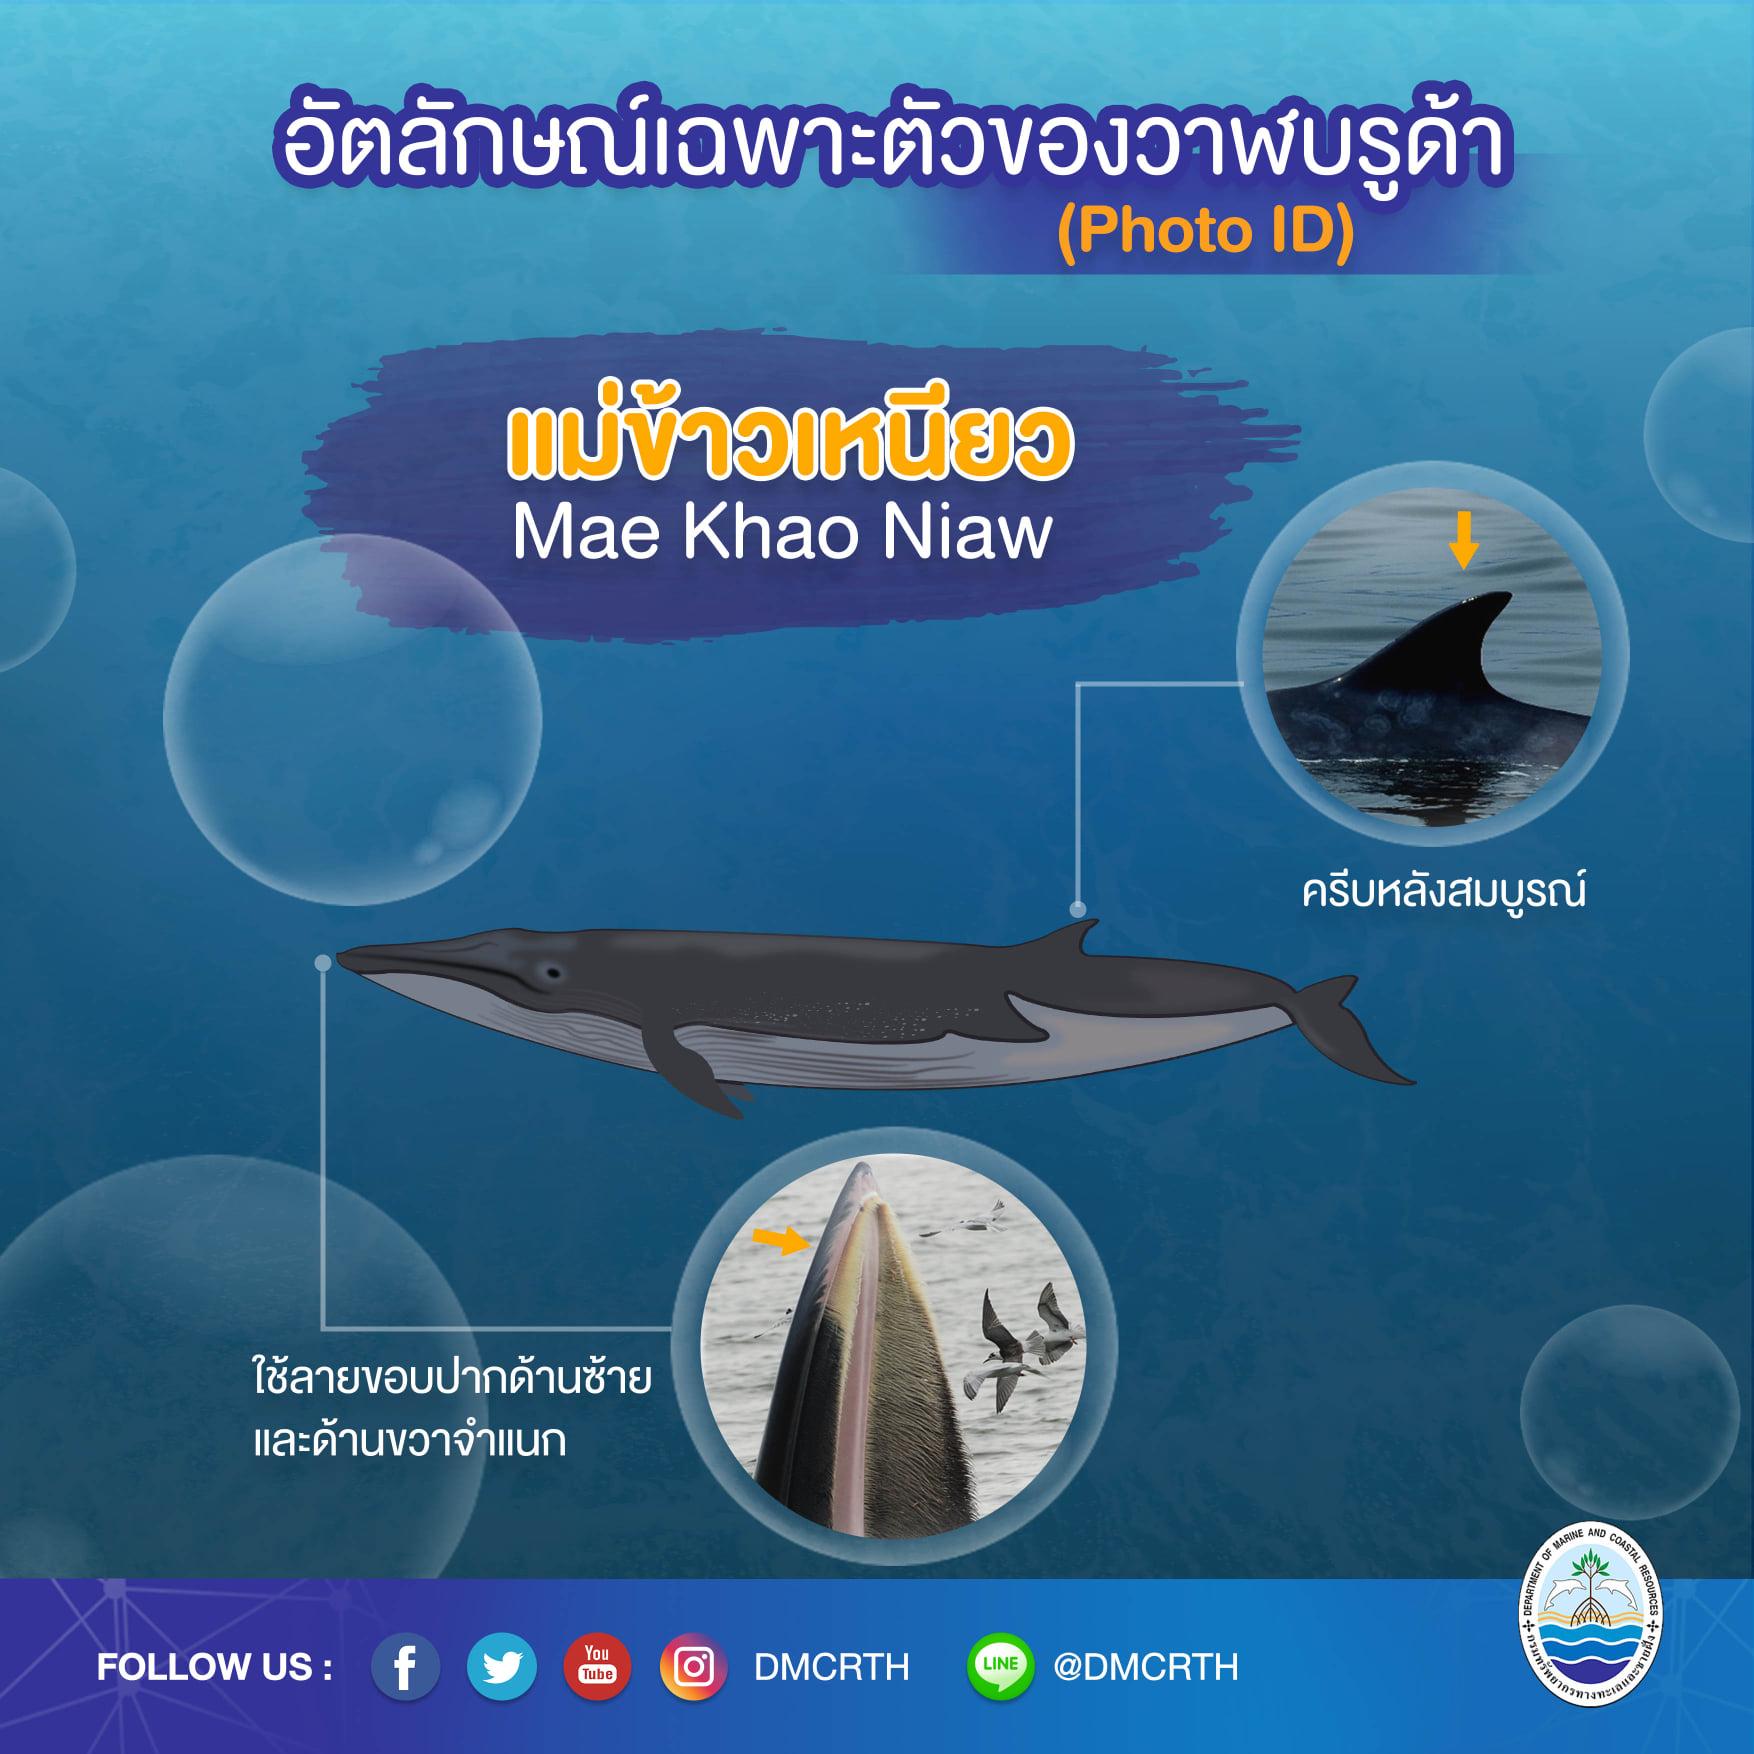 วันละวาฬ มารู้จัก ๖๐ วาฬบรูด้าในน่านน้ำไทย #๑๒ แม่ข้าวเหนียว